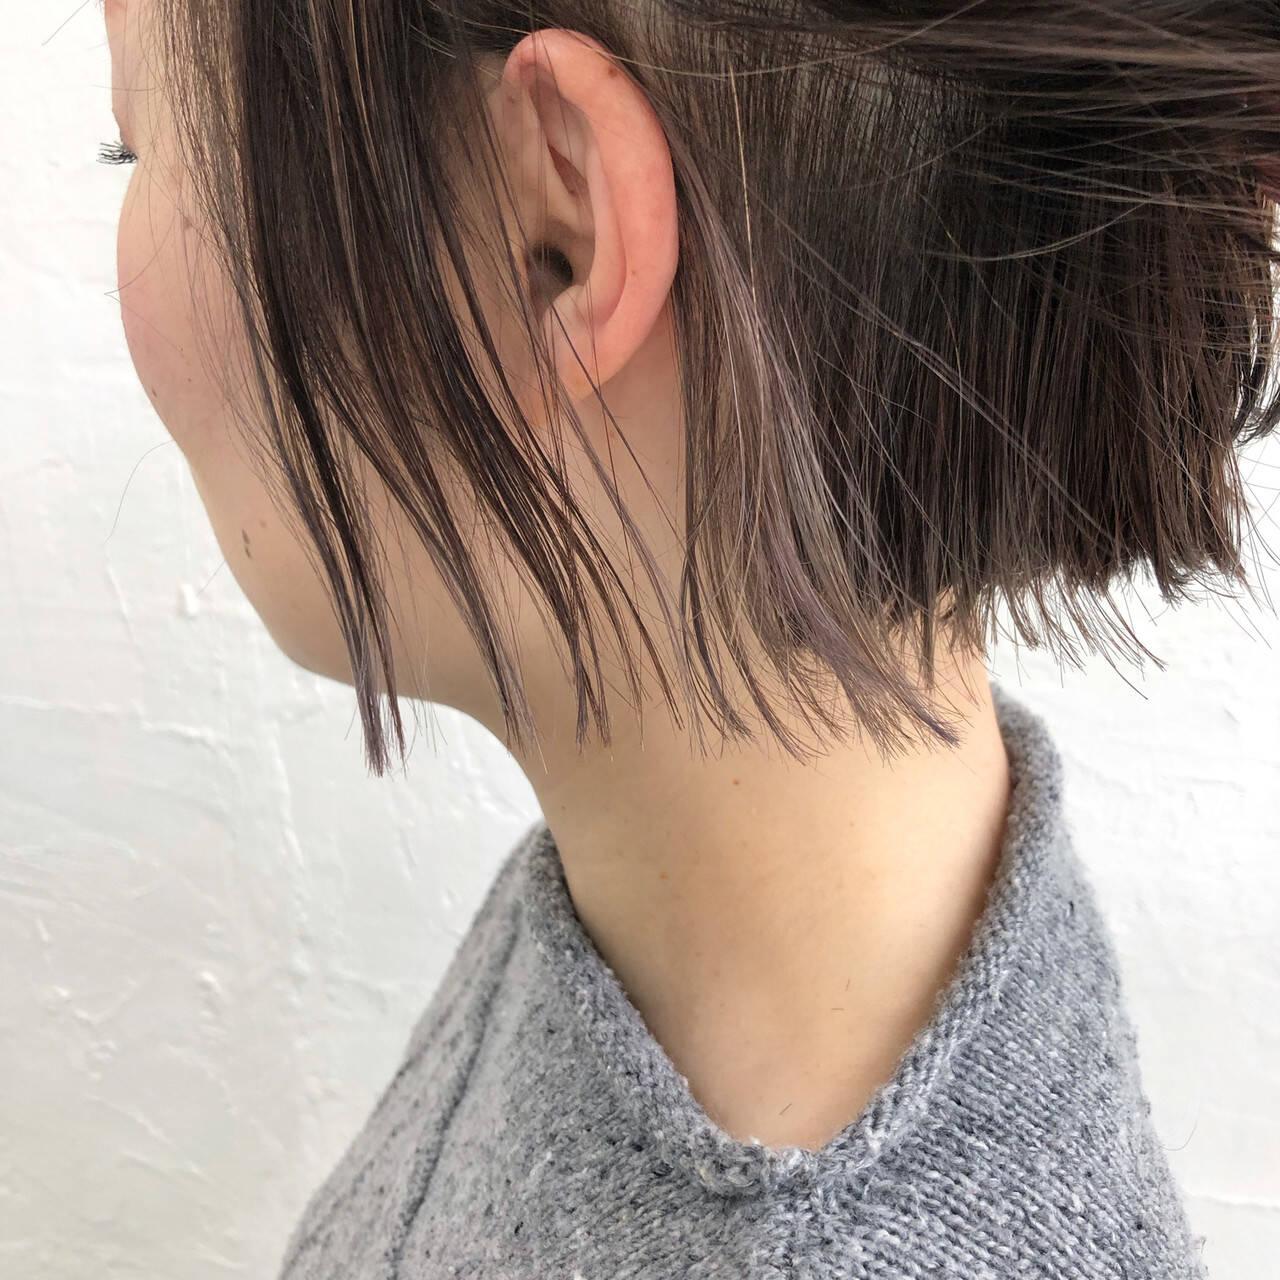 ボブ ストリート ハイライト クリーミーカラーヘアスタイルや髪型の写真・画像